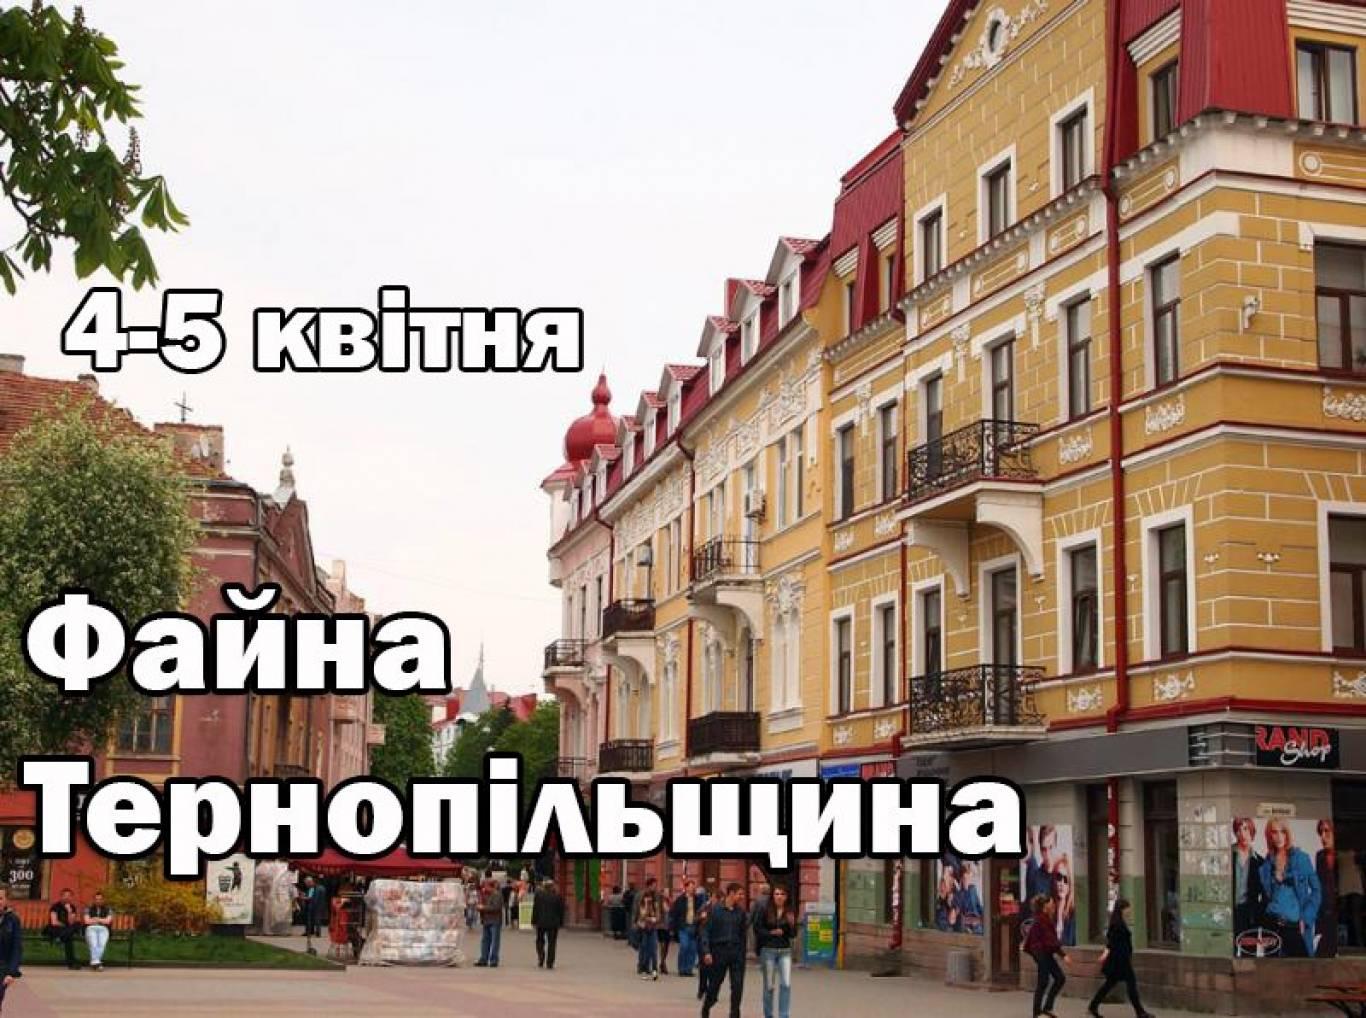 Подорож до файної Тернопільщини